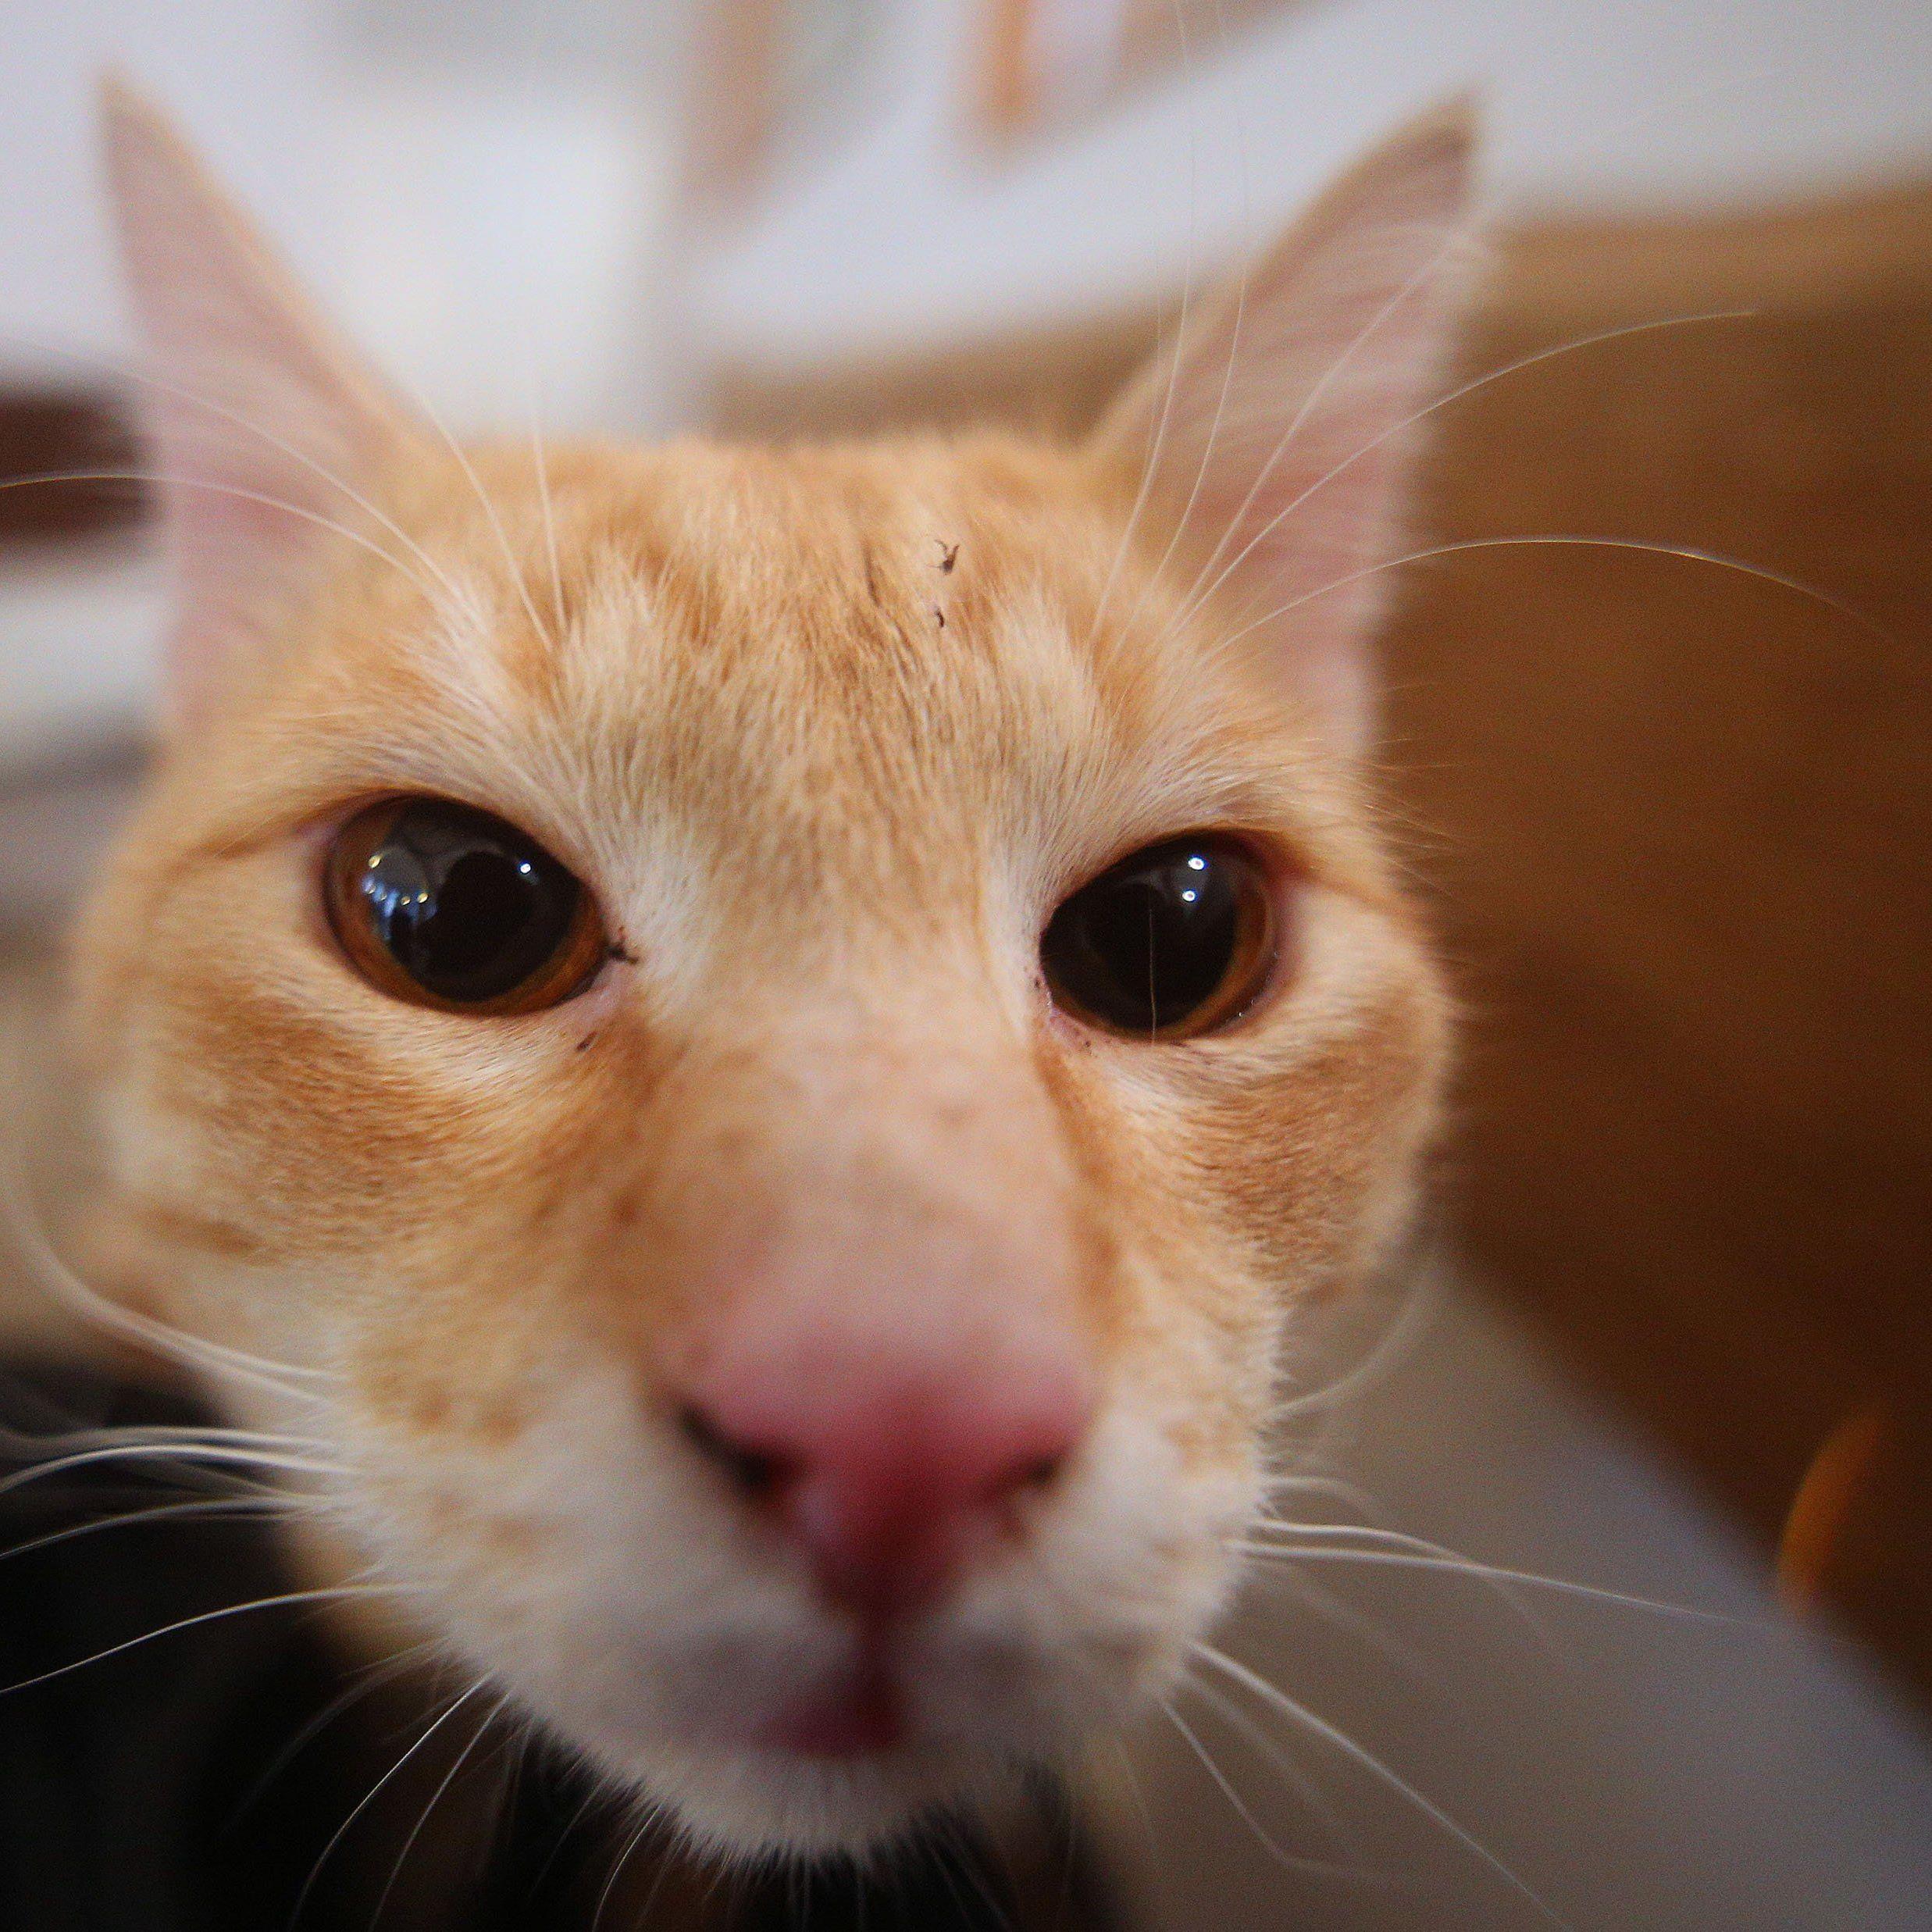 Bei manchen Katzen löst sogar Zungenschnalzen einen Krampfanfall aus.